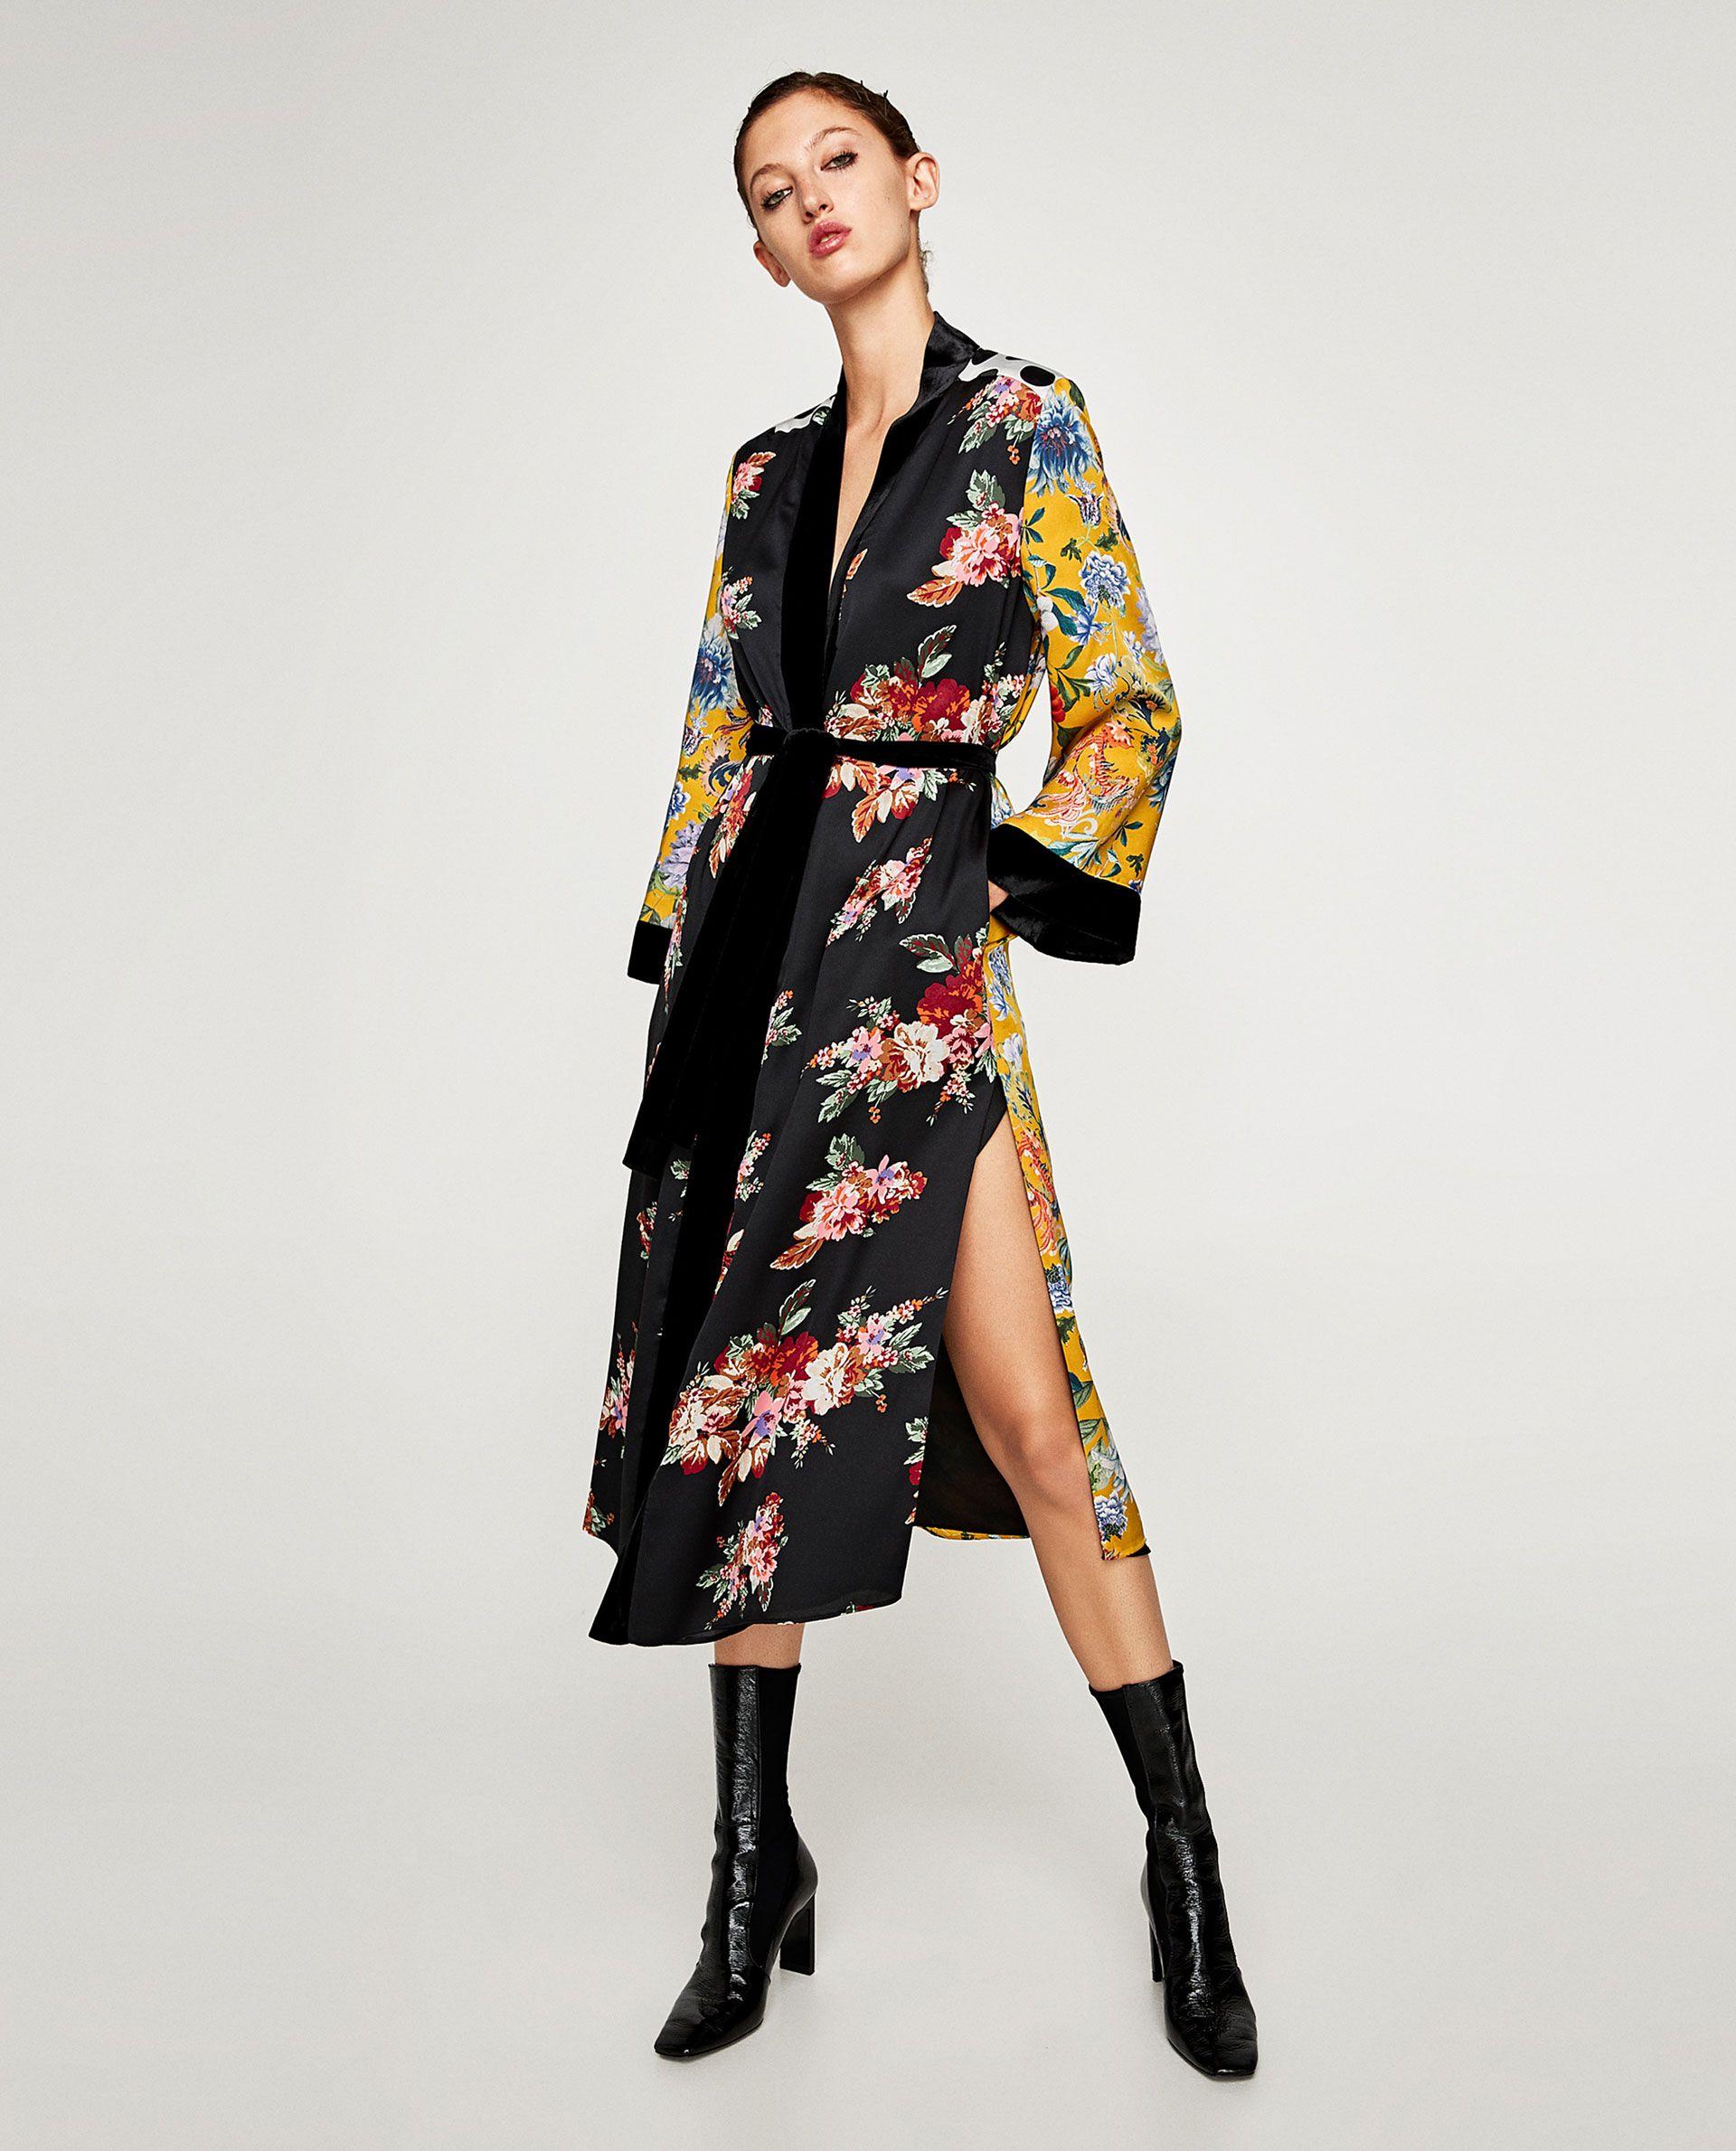 9700ef31 KIMONO PATCHWORK COMBINADO | Wishlist - ZARA | Kimono fashion ...